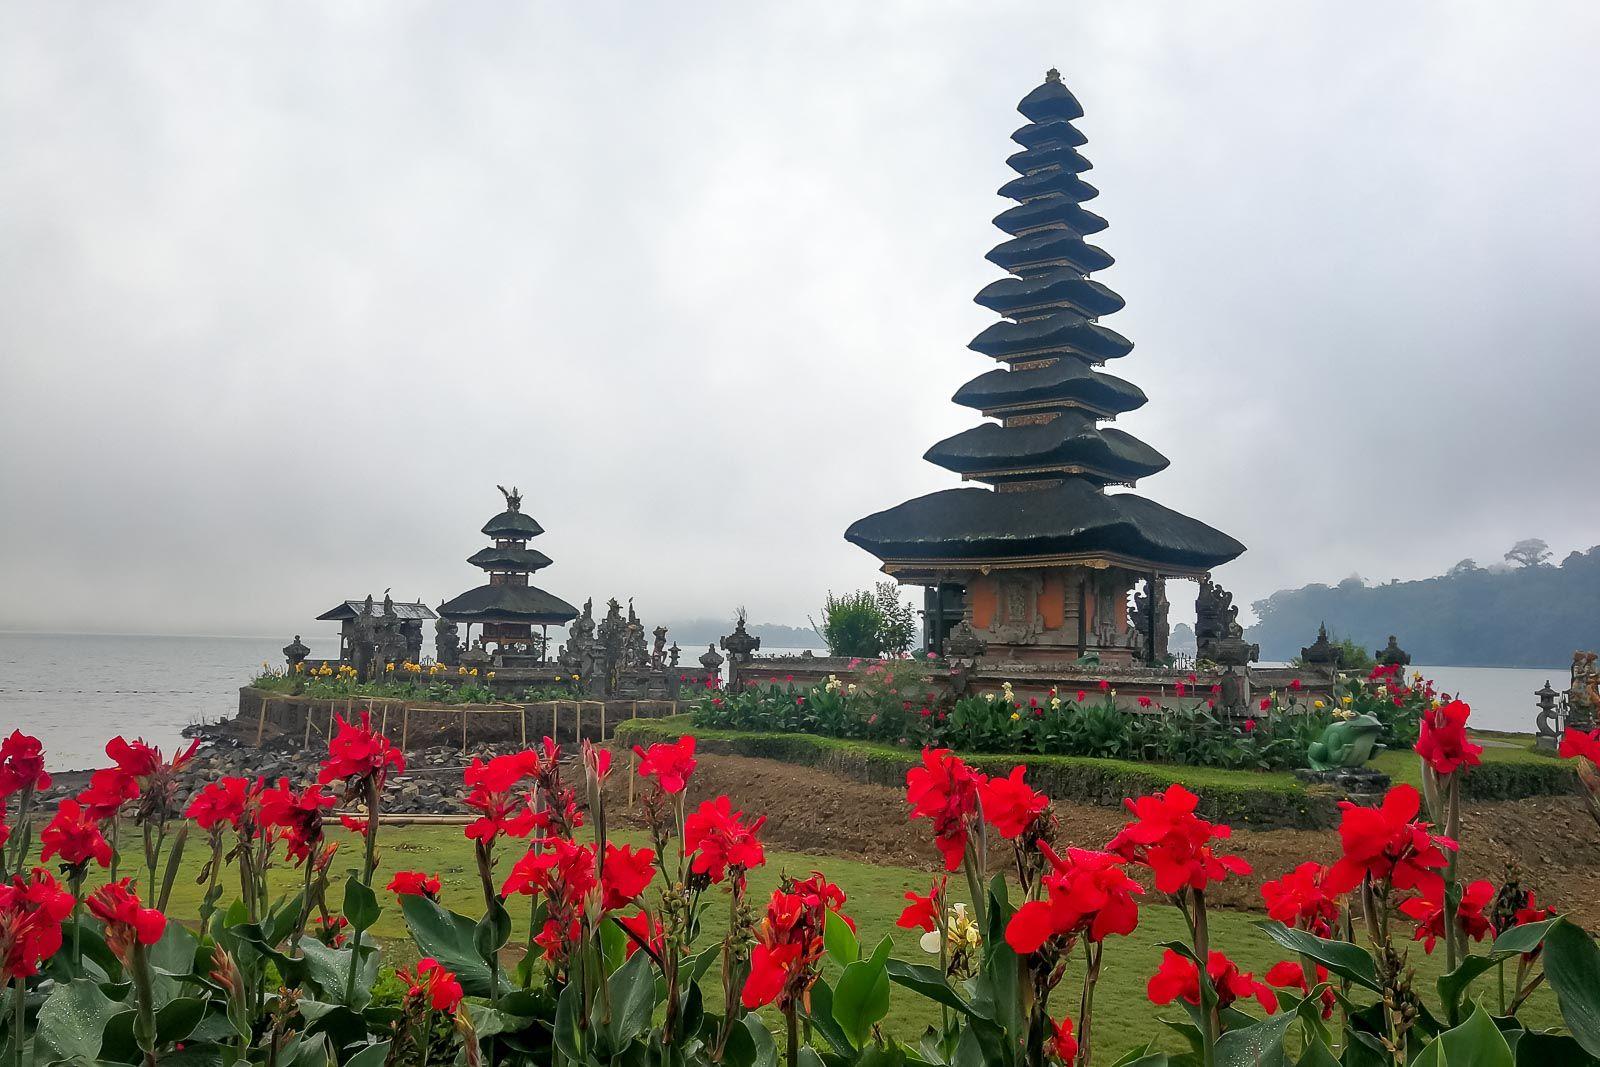 Озеро Братан, клубника на Бали, горы на Бали, центр Бали, кальдера вулкана , храм на озере на Бали, озеро Братан, Братан озеро на Бали, вулканы на Бали, экскурсии на Бали, достопримечательности Бали, что посмотреть на Бали, Бали, что обязательно посетить на Бали, священные места на Бали, главный храм на Бали, Beratan Bali, Pura Ulun Danu, Ulun Danu Beratan, Пура Улун Дану, Пура Улун Дану Братан, храм Улун Дану на Бали, храм Улун Дану на озере Братан, клубничное кафе на Бали